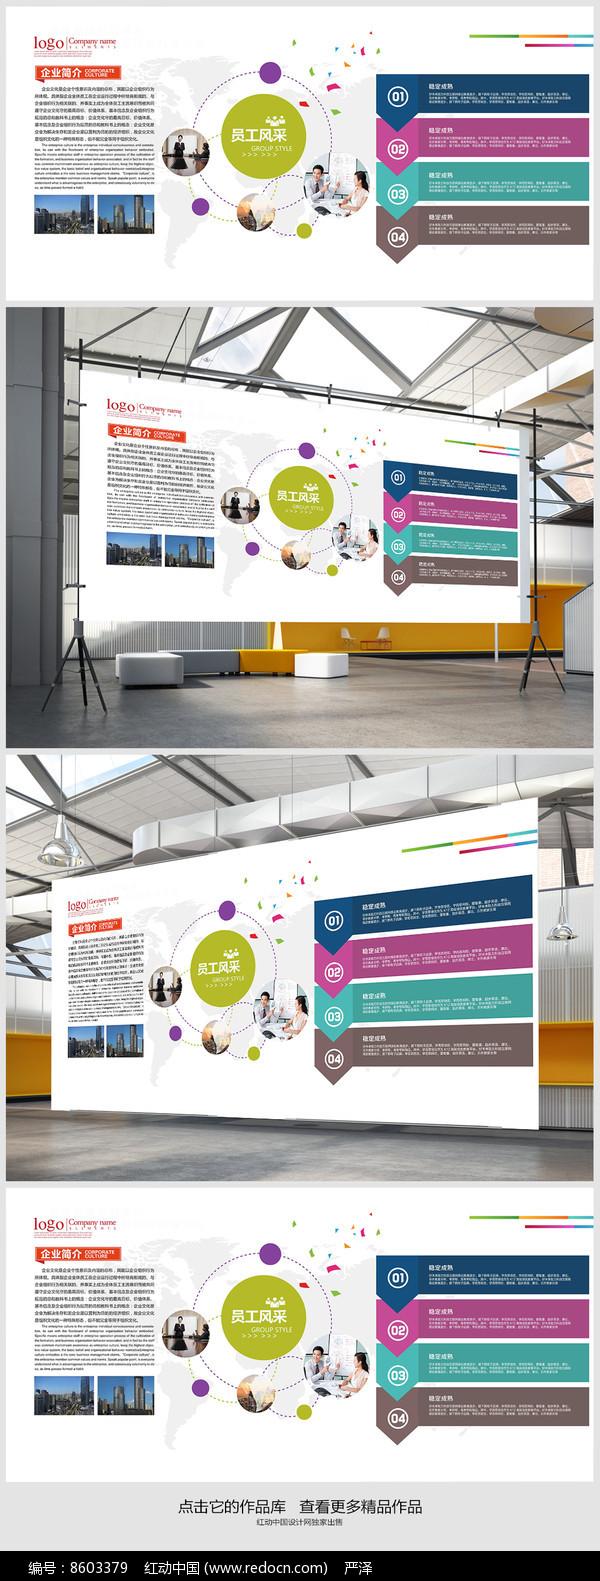 员工风采企业文化背景墙图片